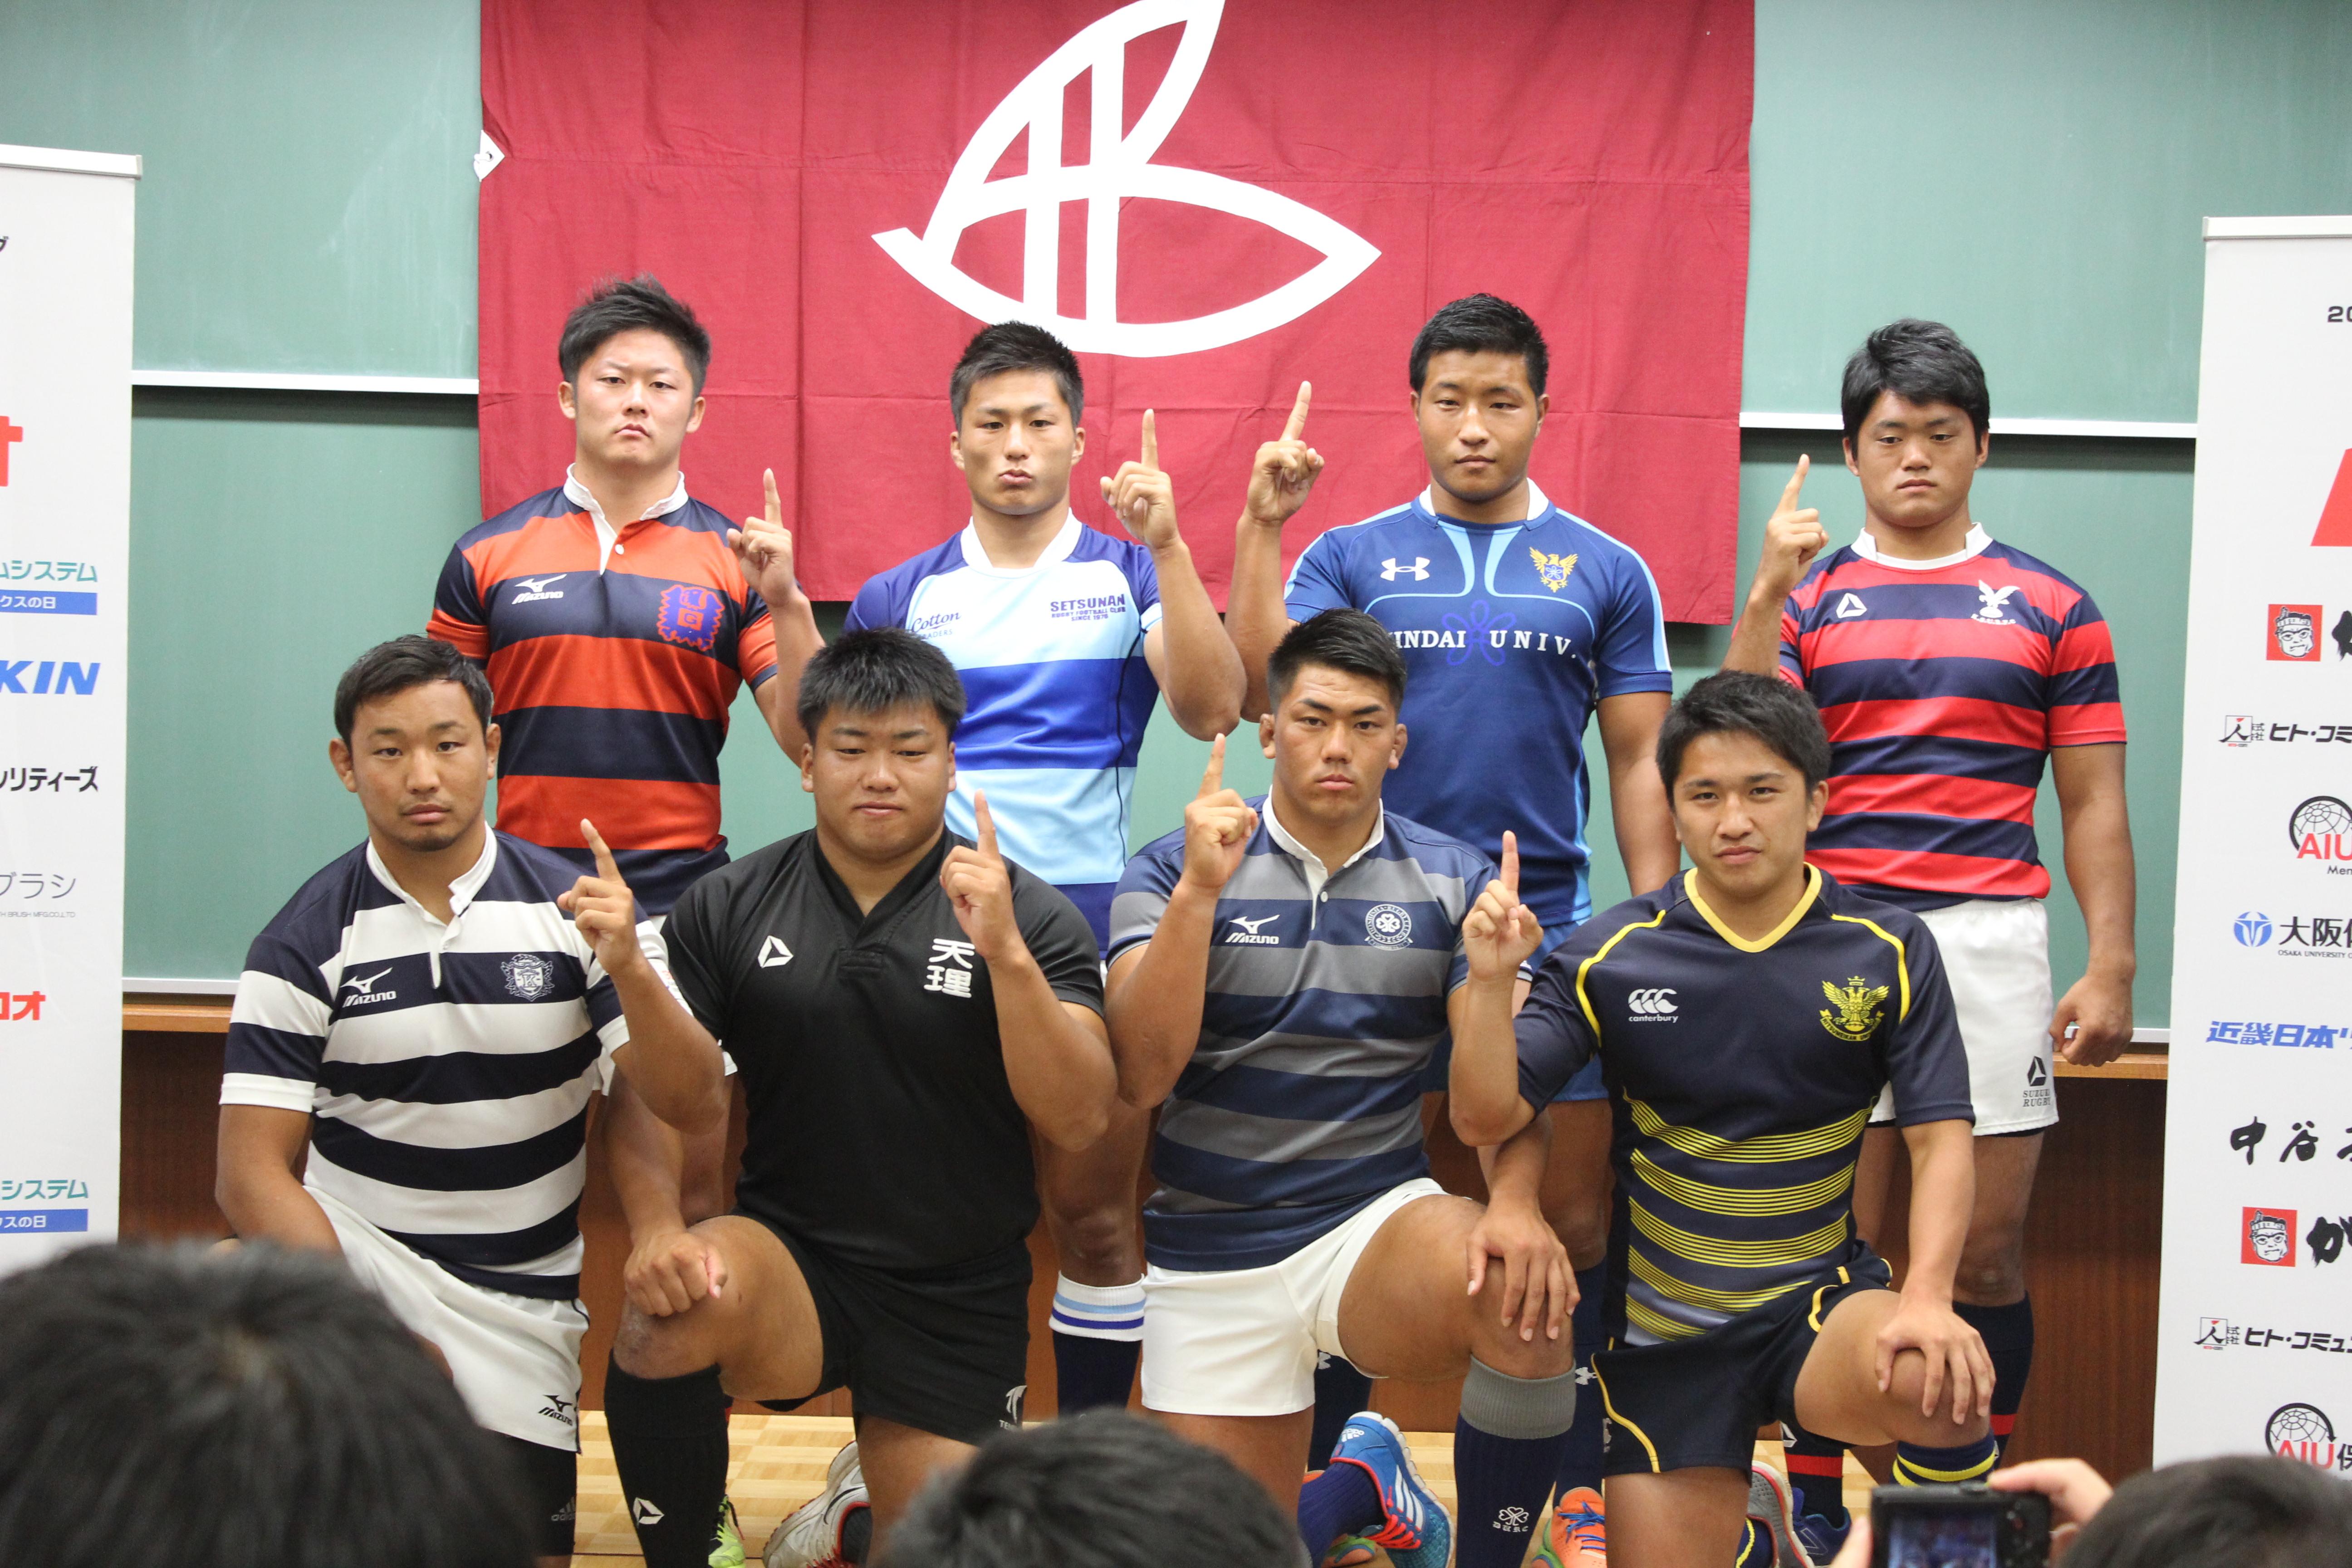 【ラグビー部】関西大学ラグビーAリーグまもなく開幕